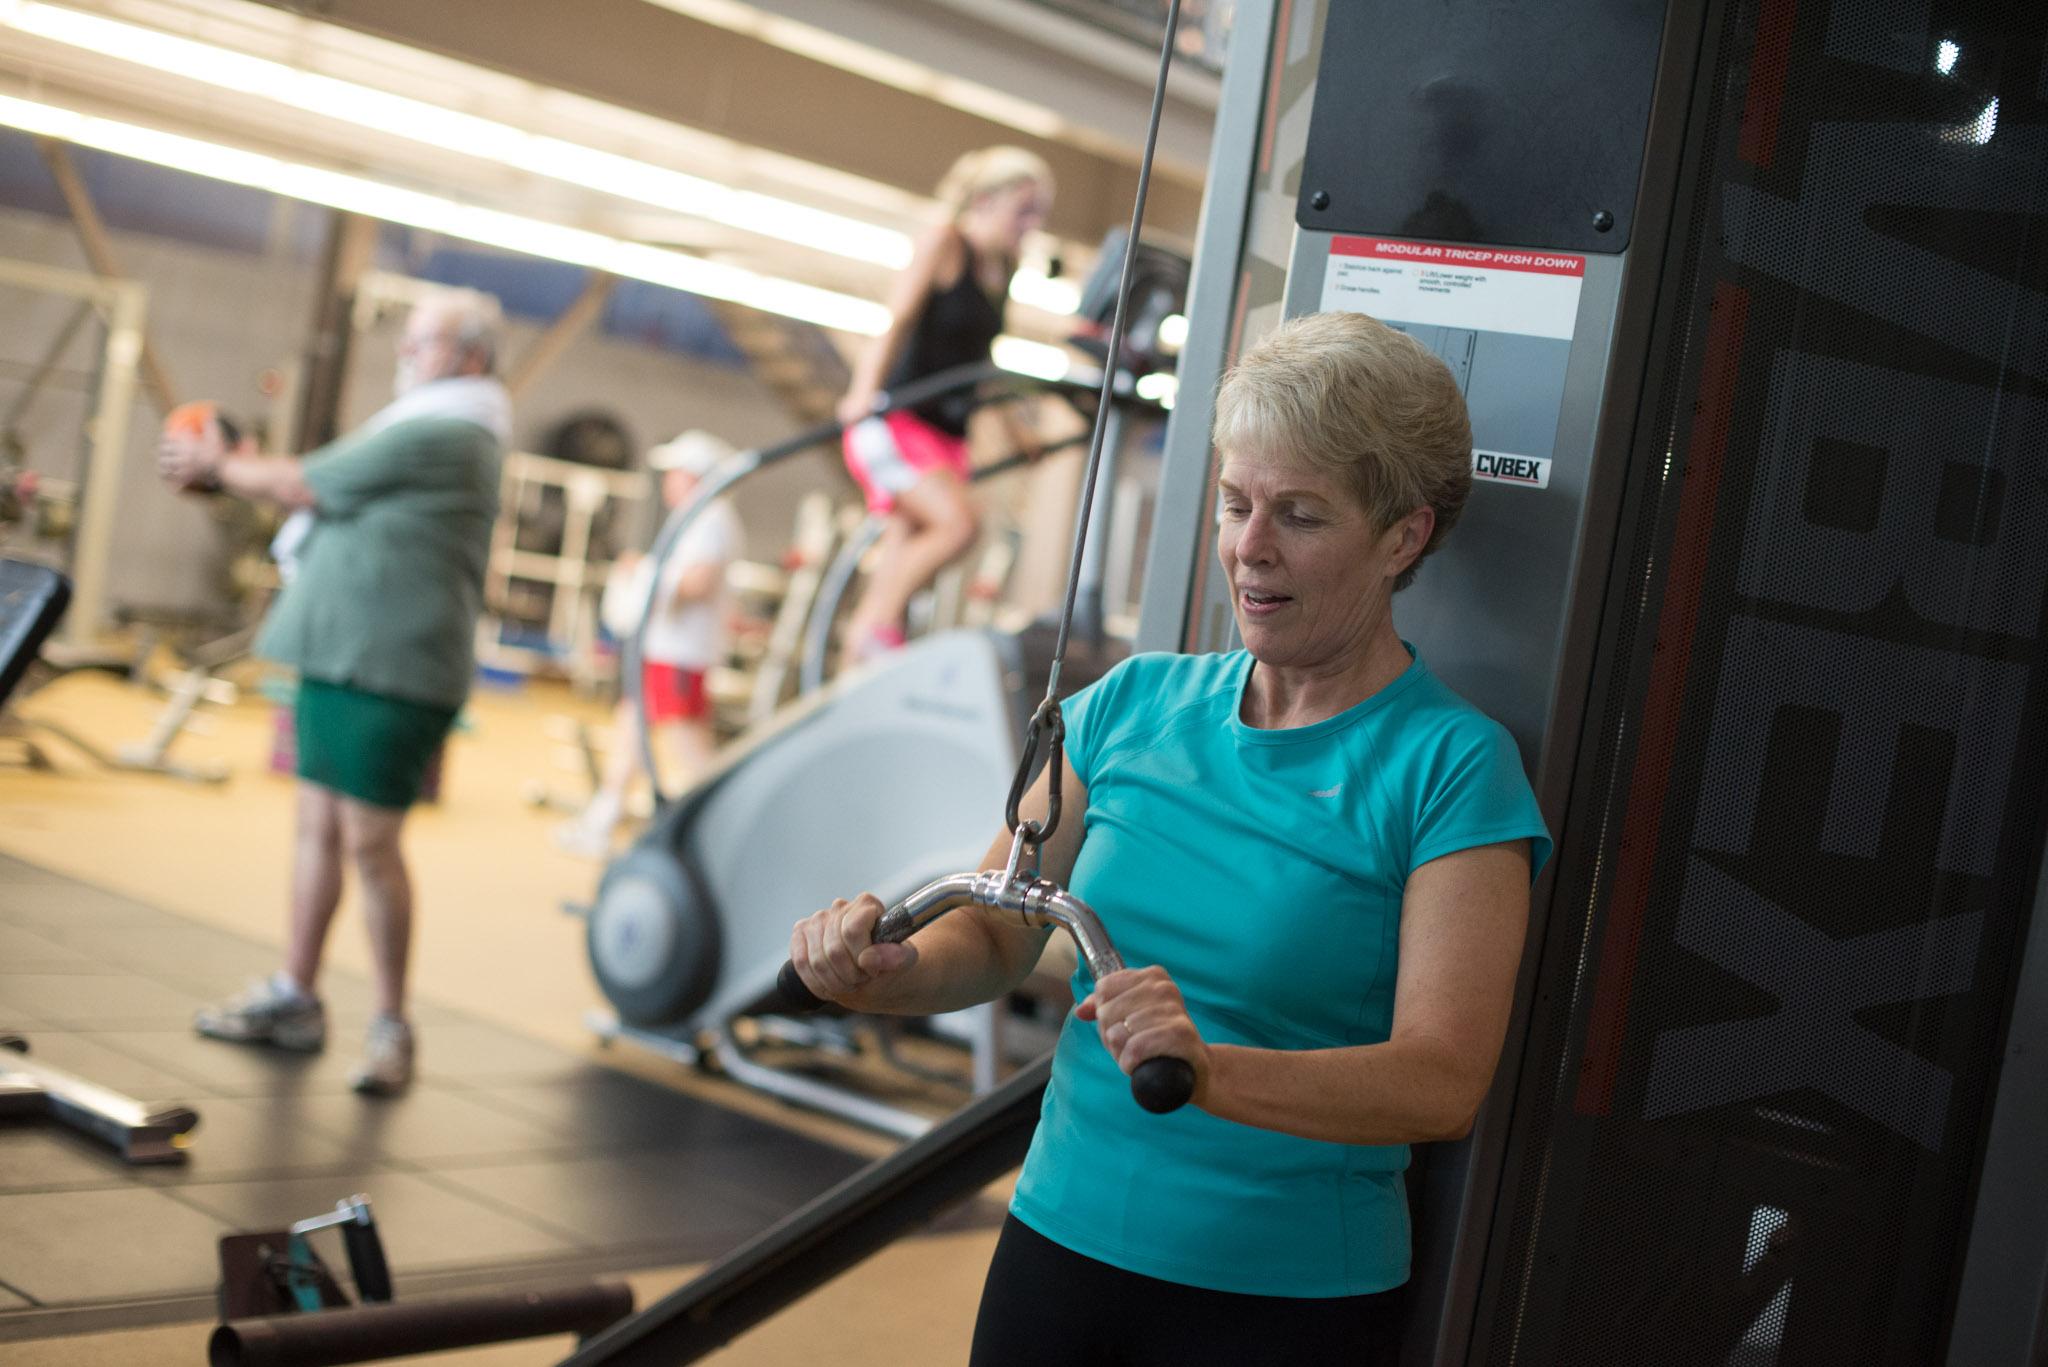 Wellness Center Stock Photos-1170.jpg